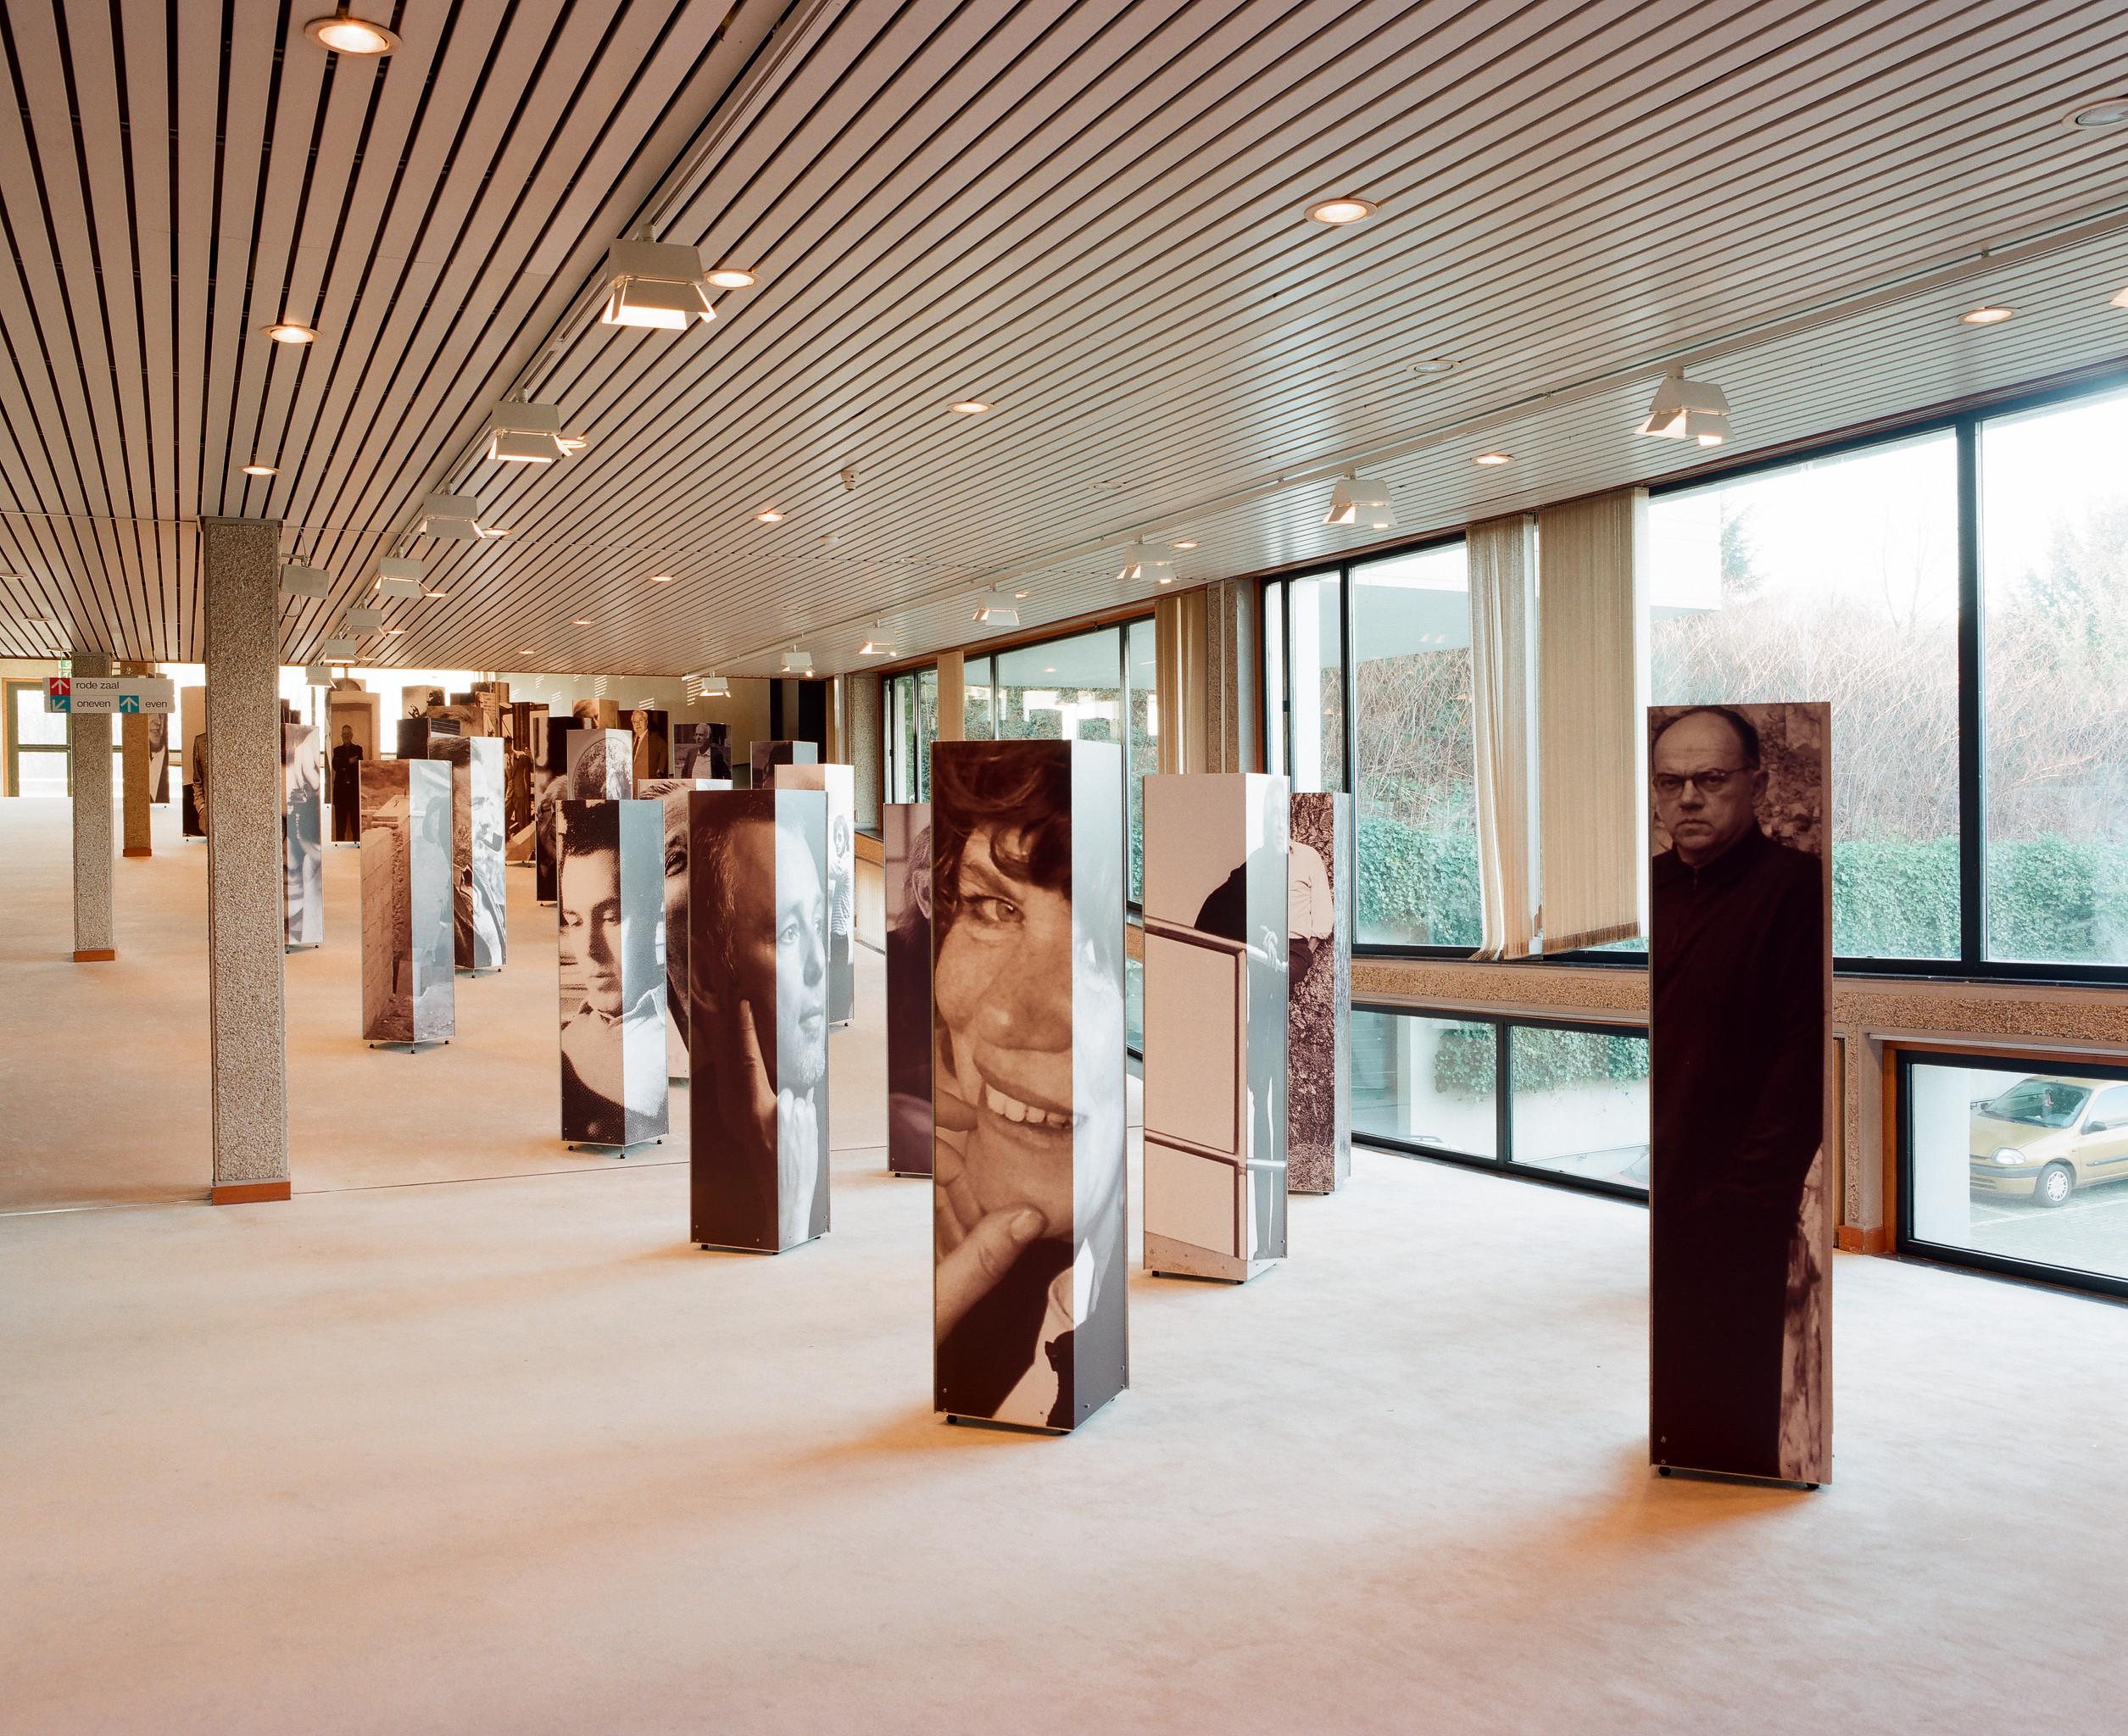 Samen met Archiefbank Vlaanderen zoekt TRACKS in 2015 en 2016 kunstenerfgoed om te registreren in Archiefbank. Samen plaatsen we ook een aantal archieven in de kijker waaronder nu het architectuurarchief van deSingel en het archief van beeldend kunstenaar Luc Peire.